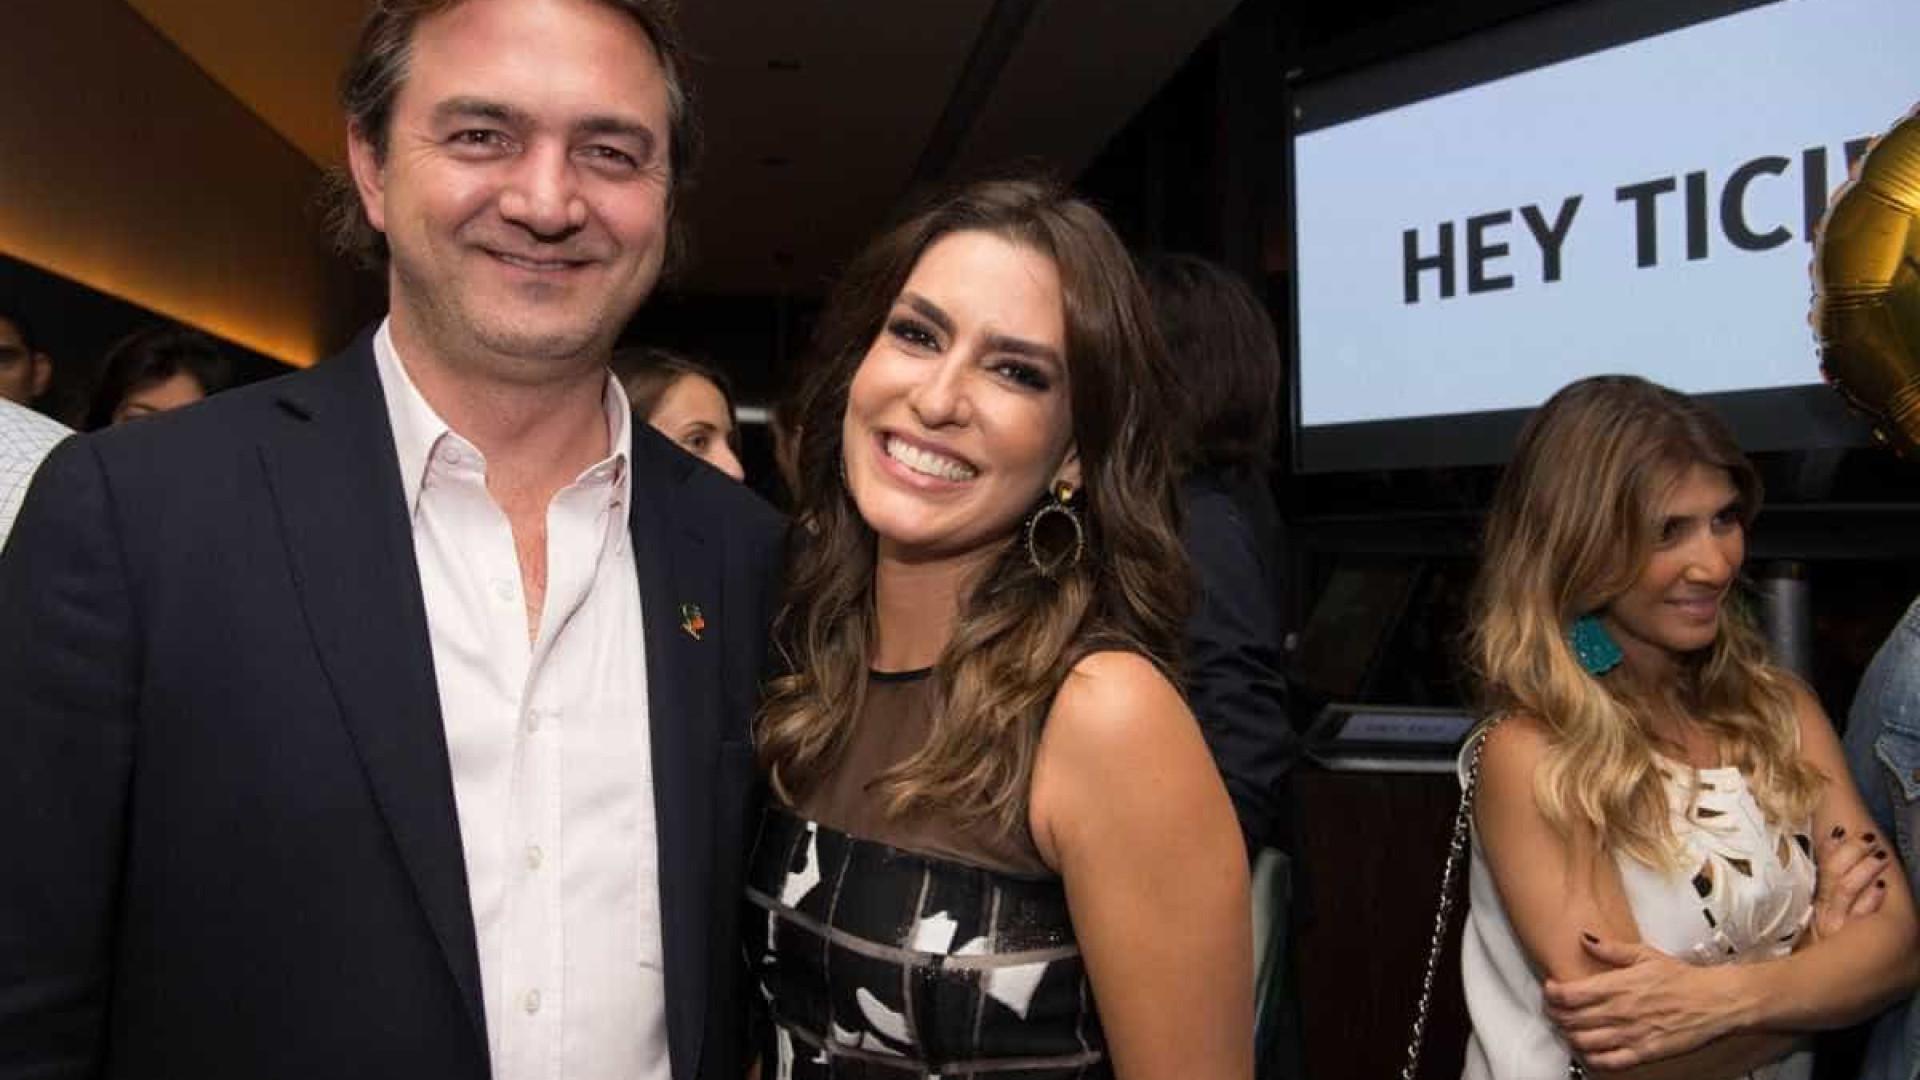 Ticiana e Joesley Batista, dono da JBS, esperam mais um filho